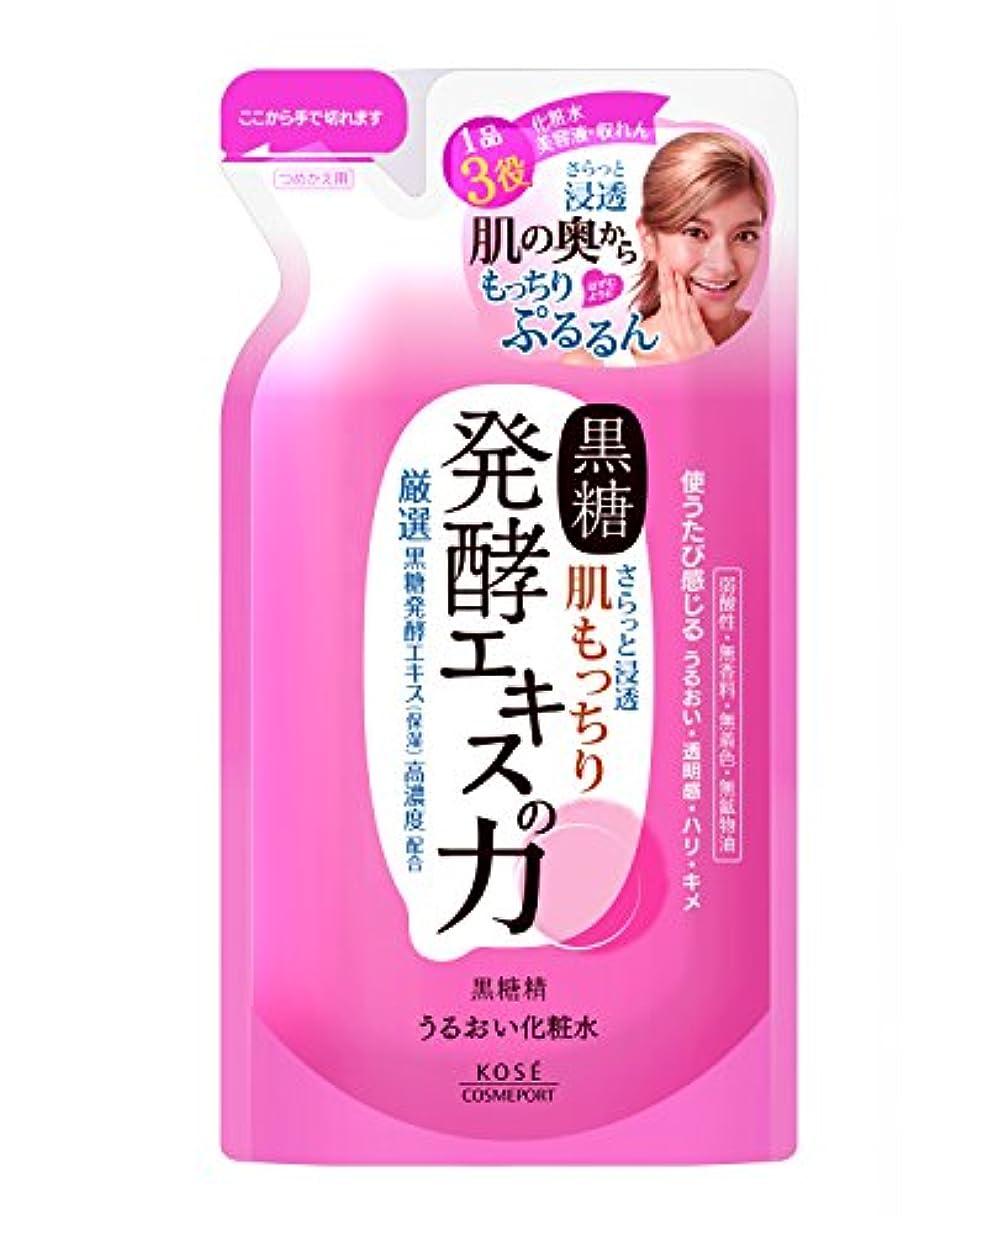 コットンツイン領事館KOSE コーセー 黒糖精 うるおい化粧水  つめかえ 160ml